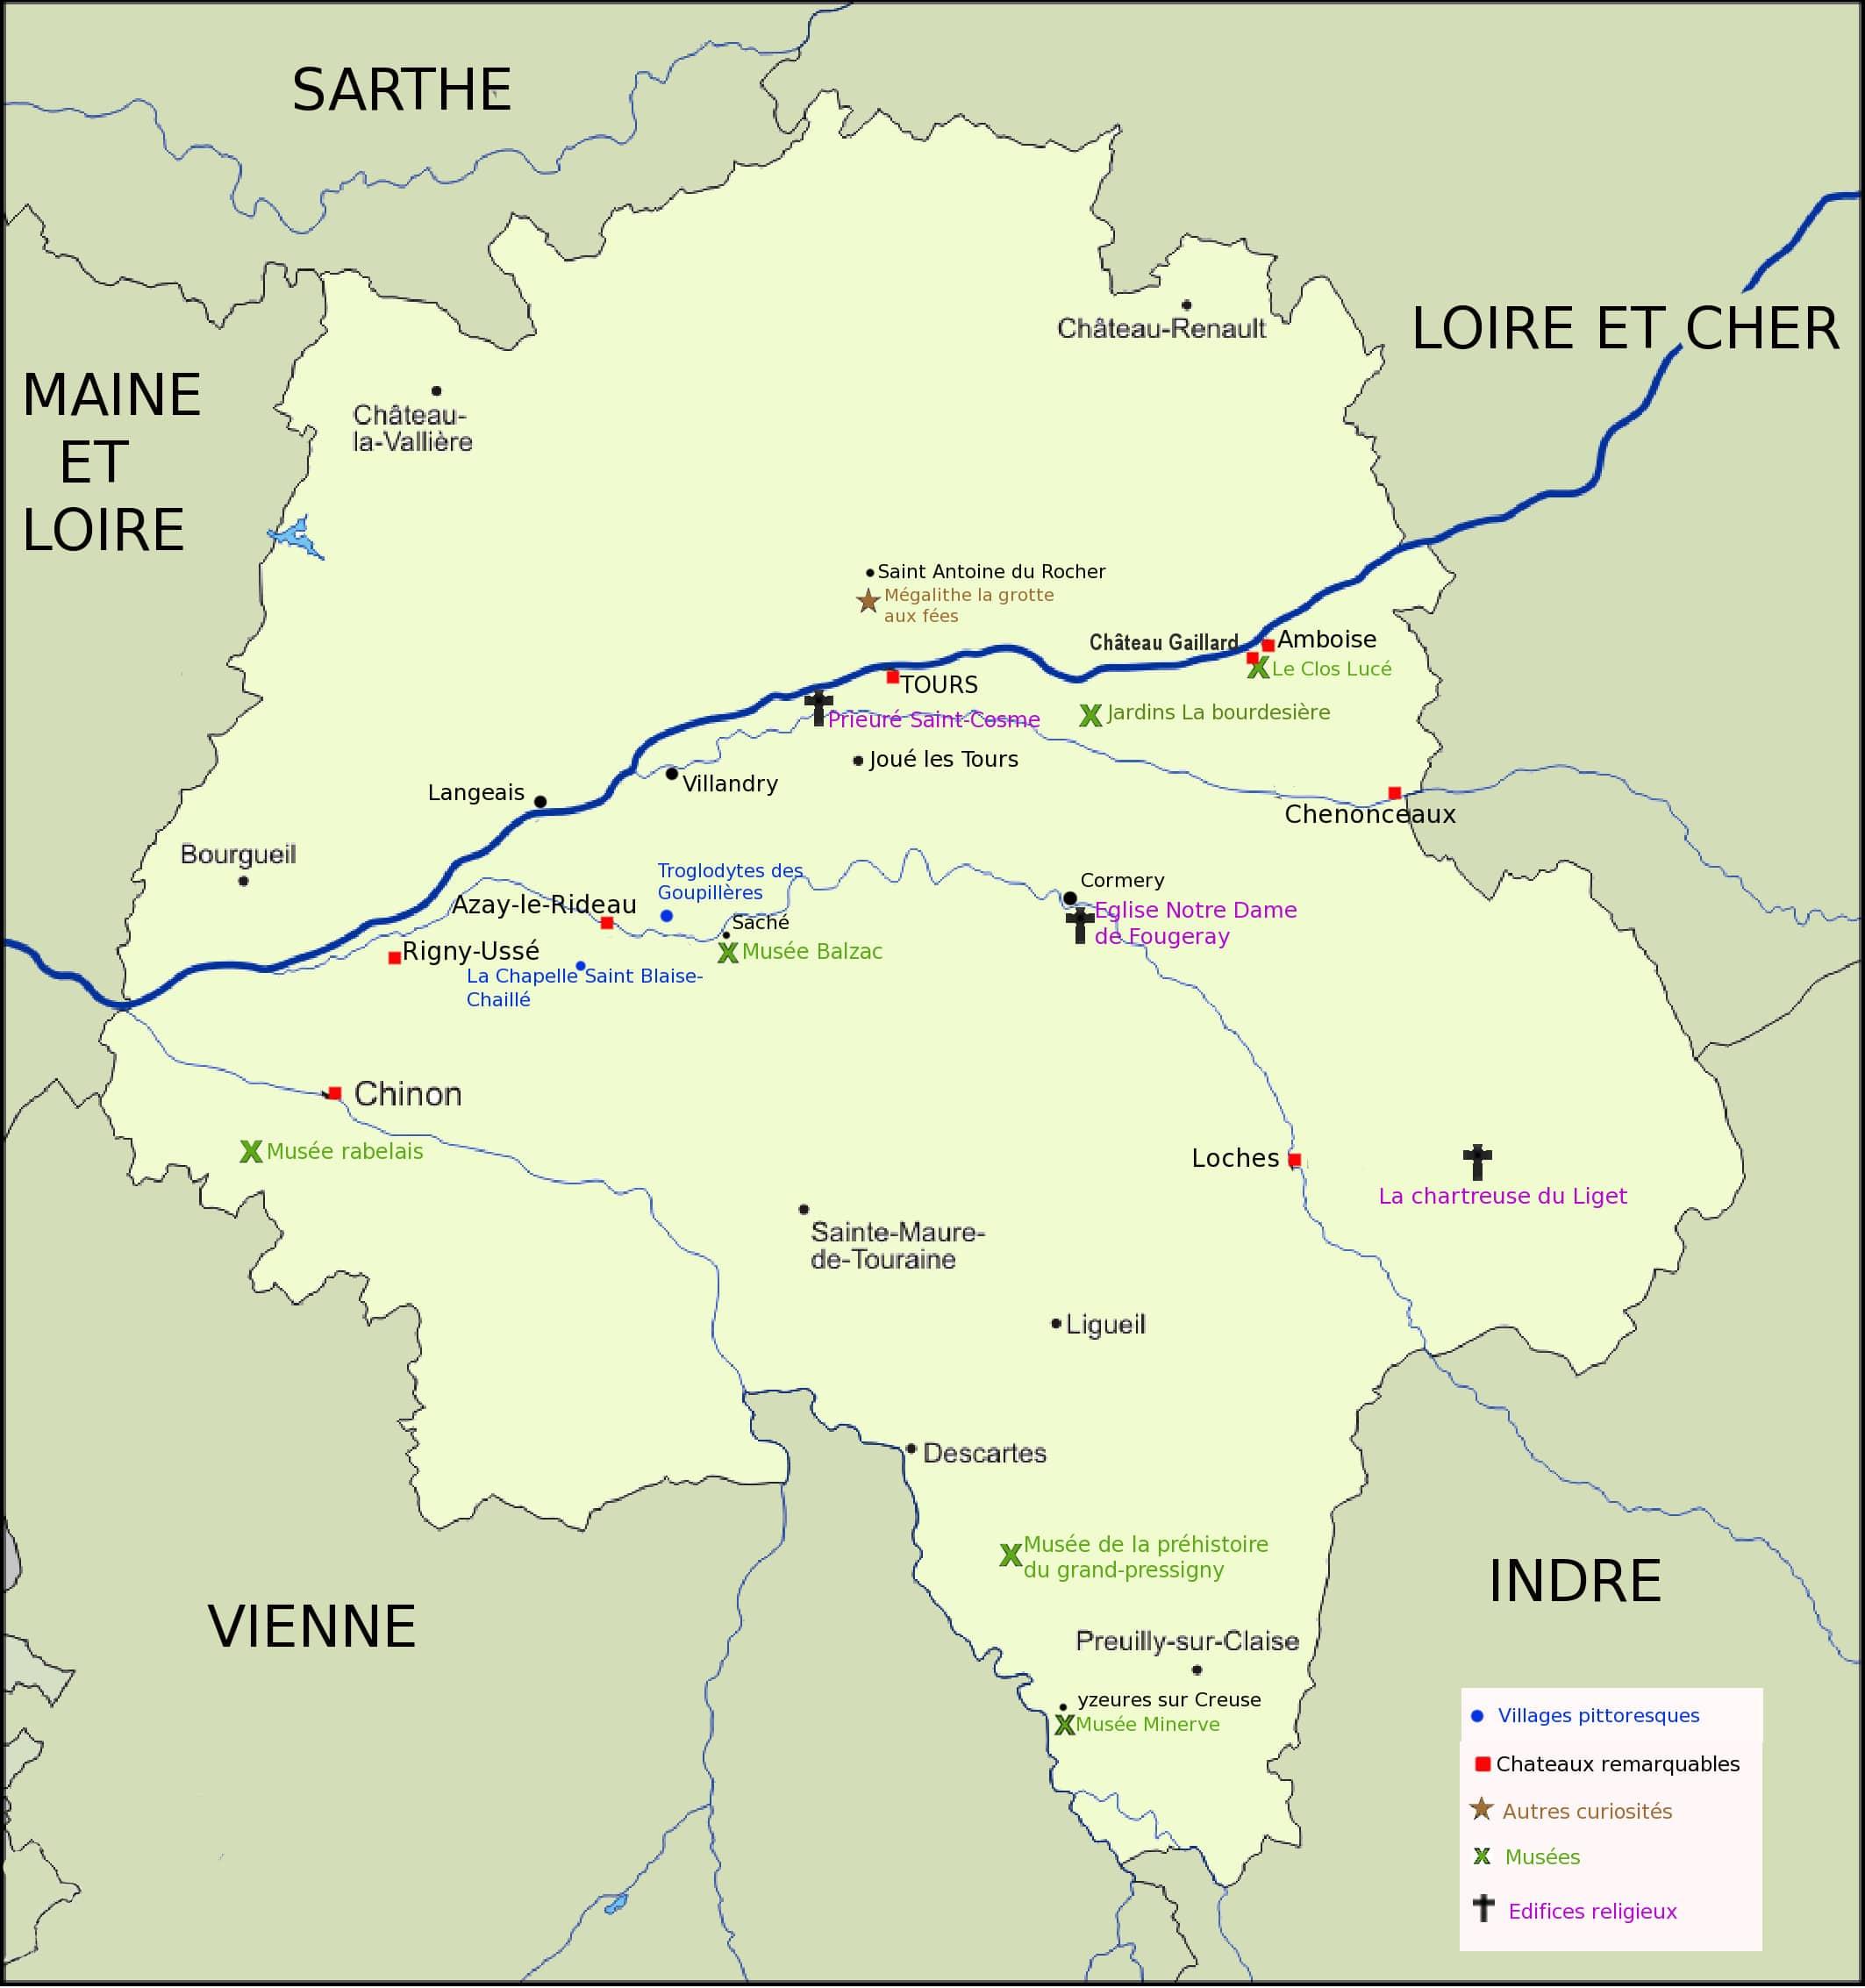 Carte touristique Indre et Loire